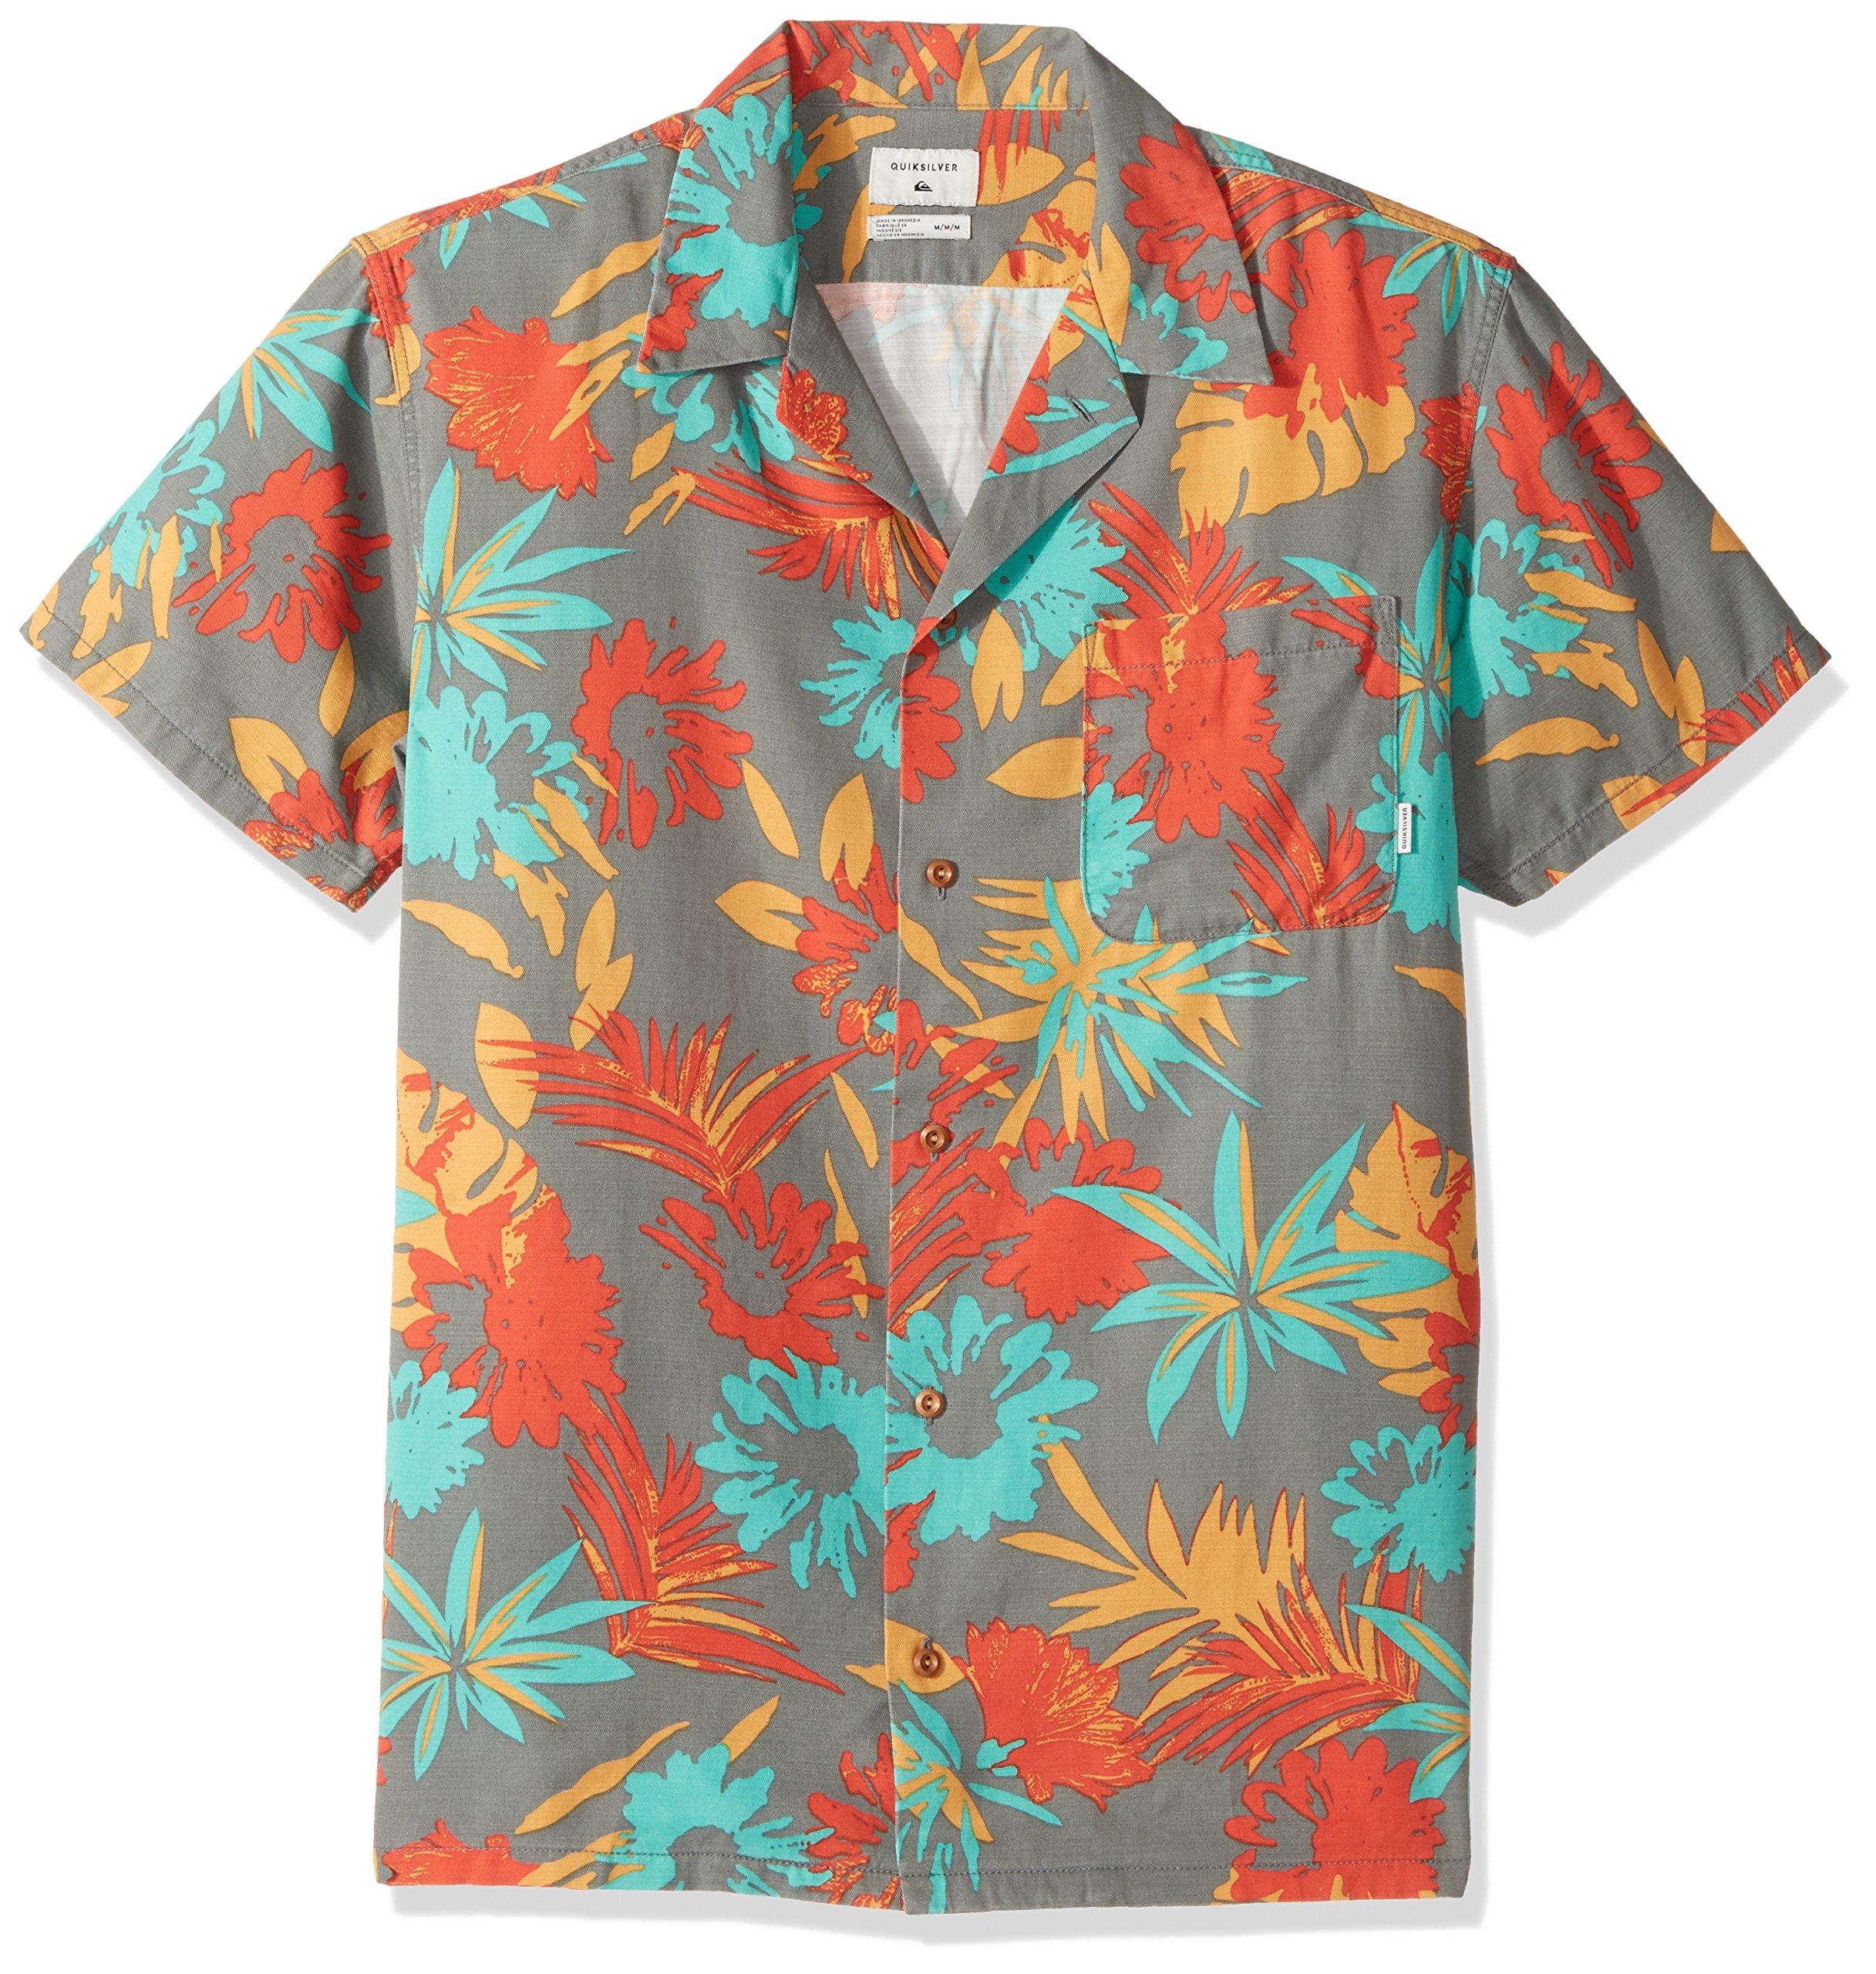 Quiksilver Men's Desert Trip Camp Short Sleeve Shirt, Quiet Shade Desert Trip, Medium